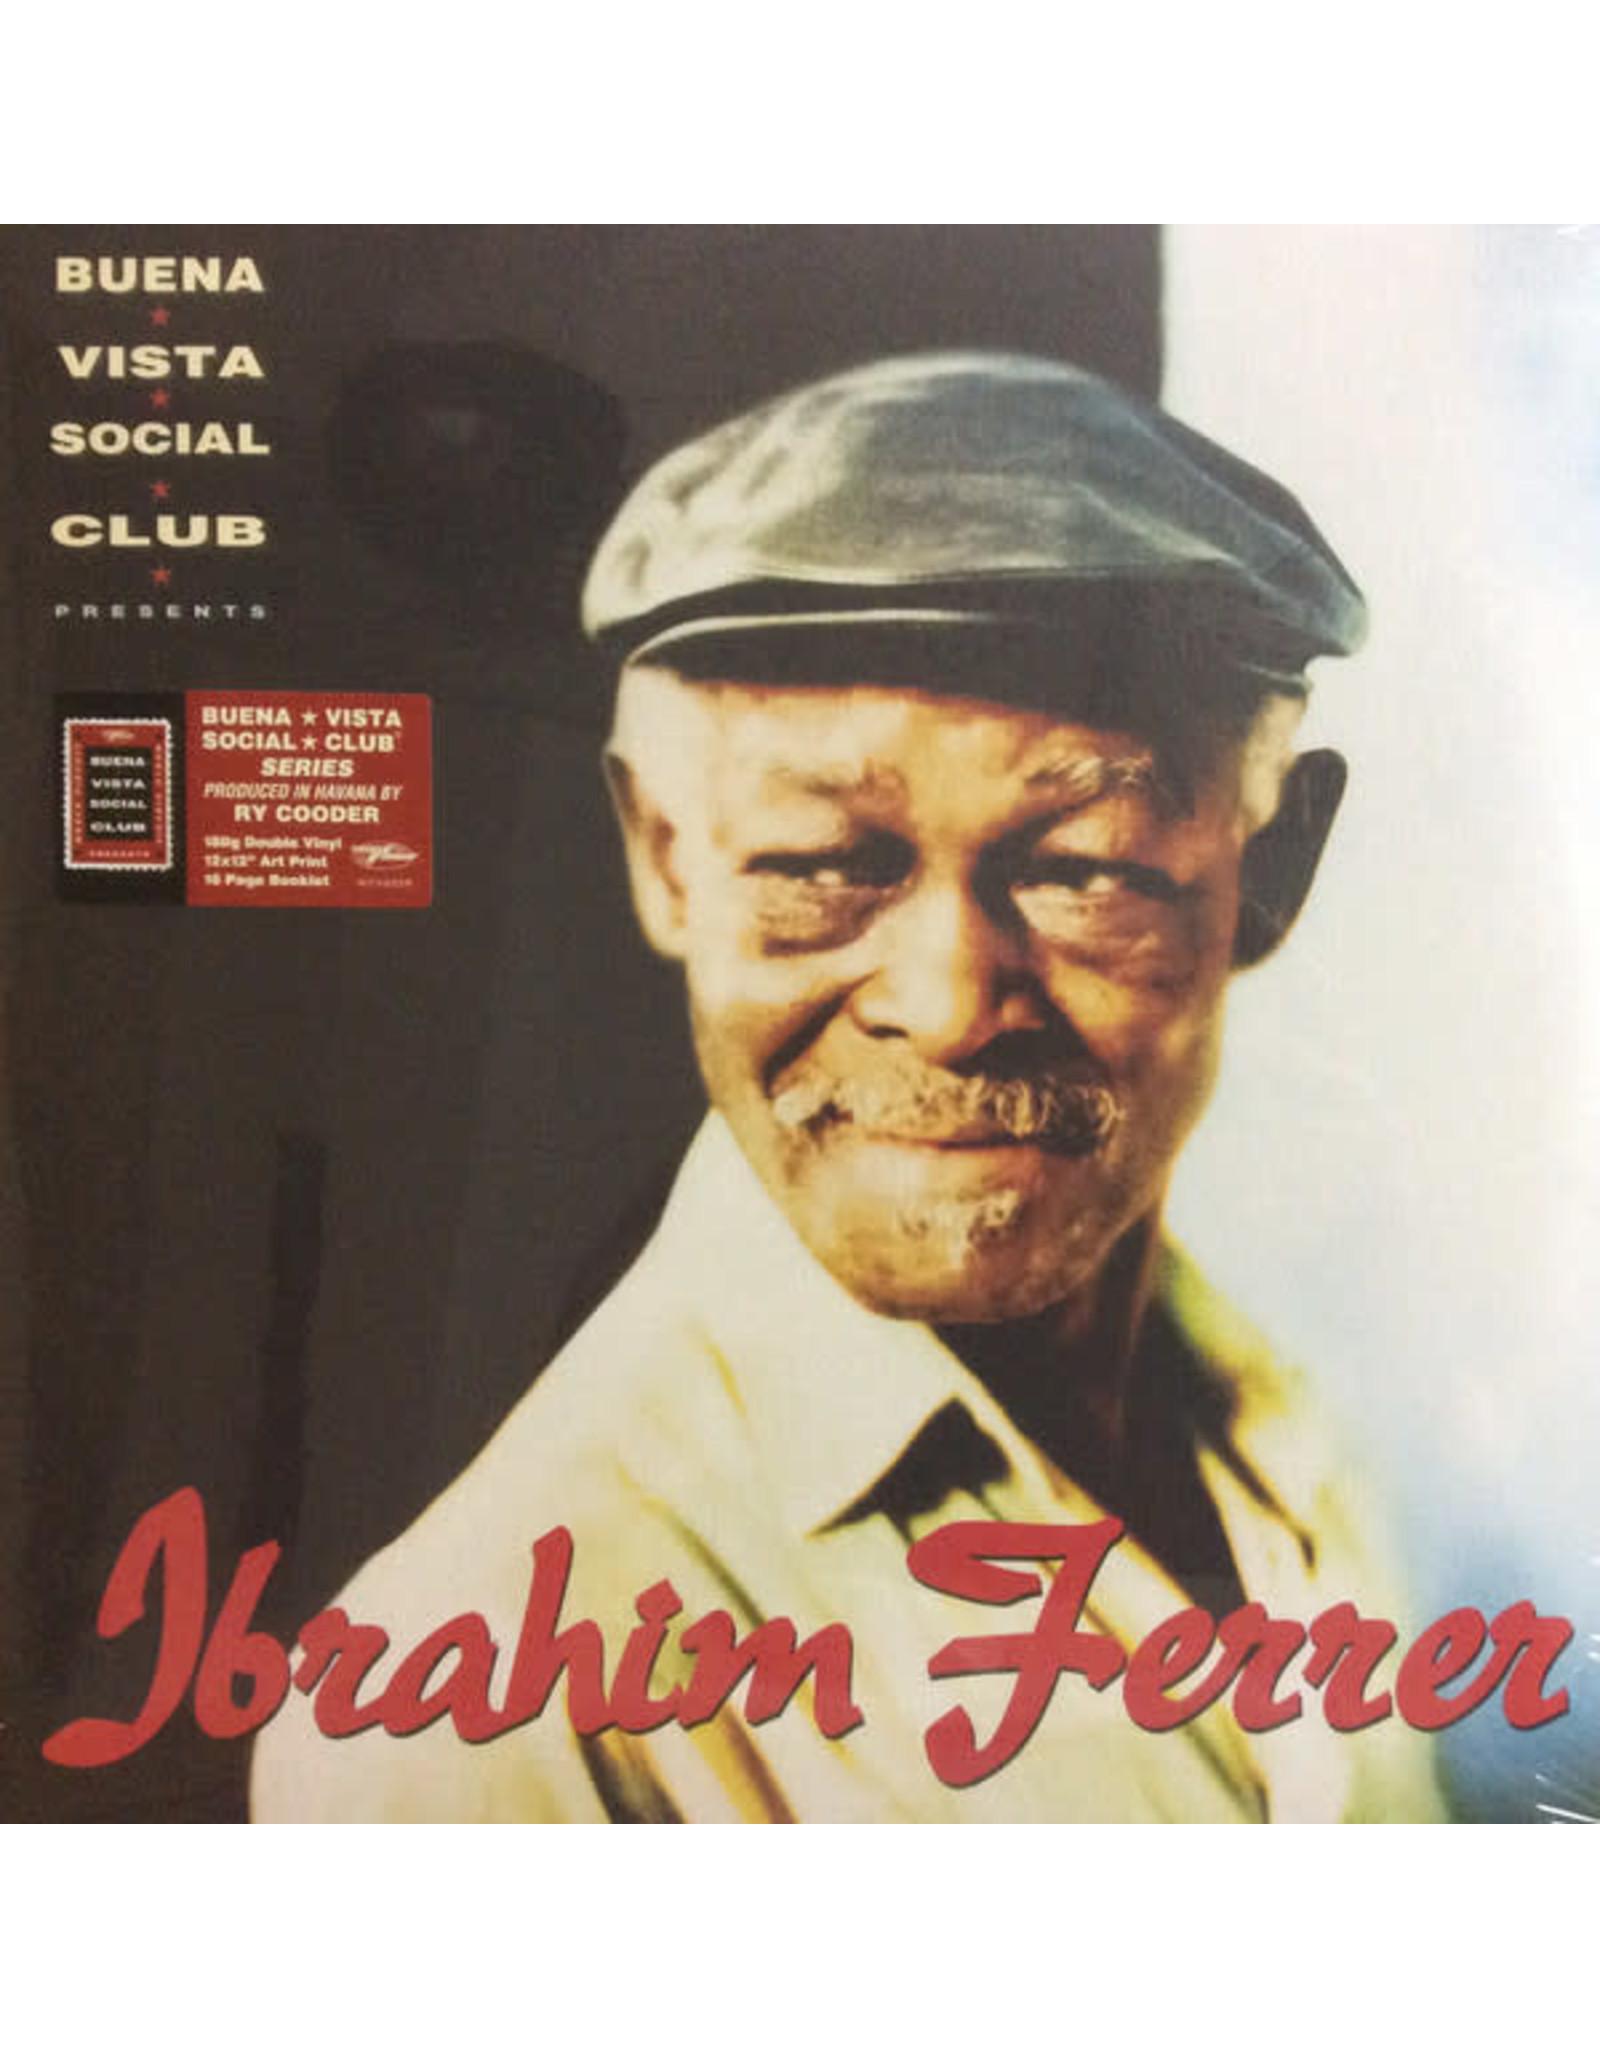 Ferrer, Ibrahim - Buena Vista Social Club Presents Ibrahim Ferrer LP